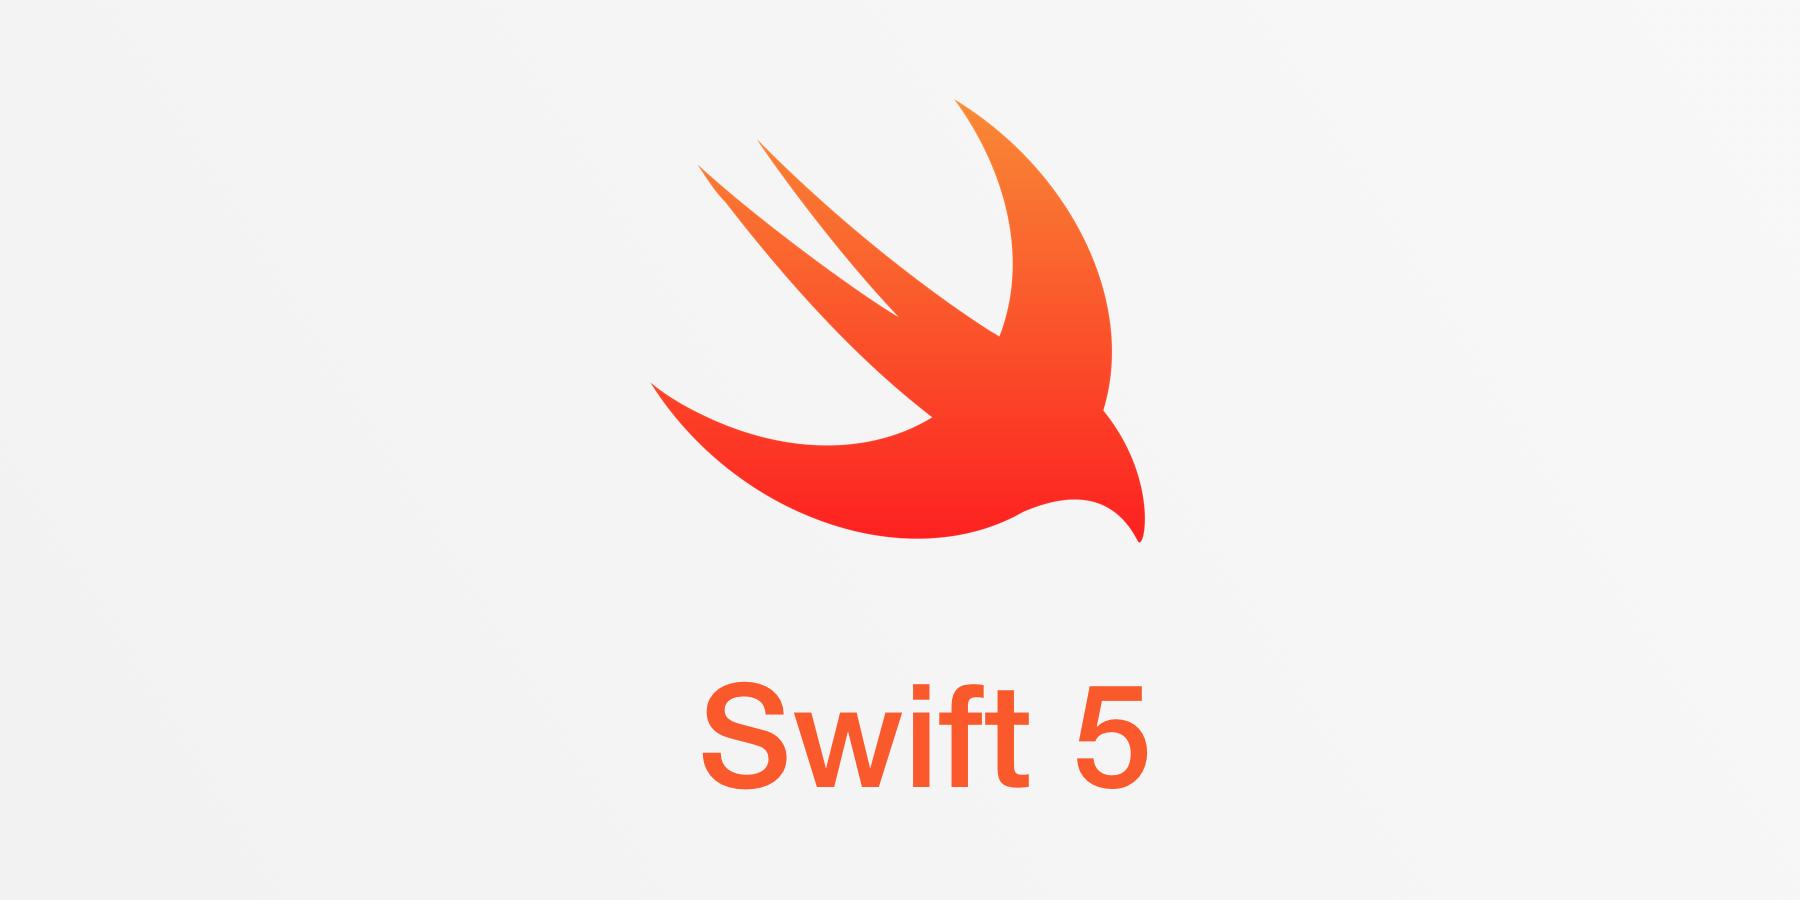 Что нового в Swift 5? / Блог компании Tinkoff ru / Хабр